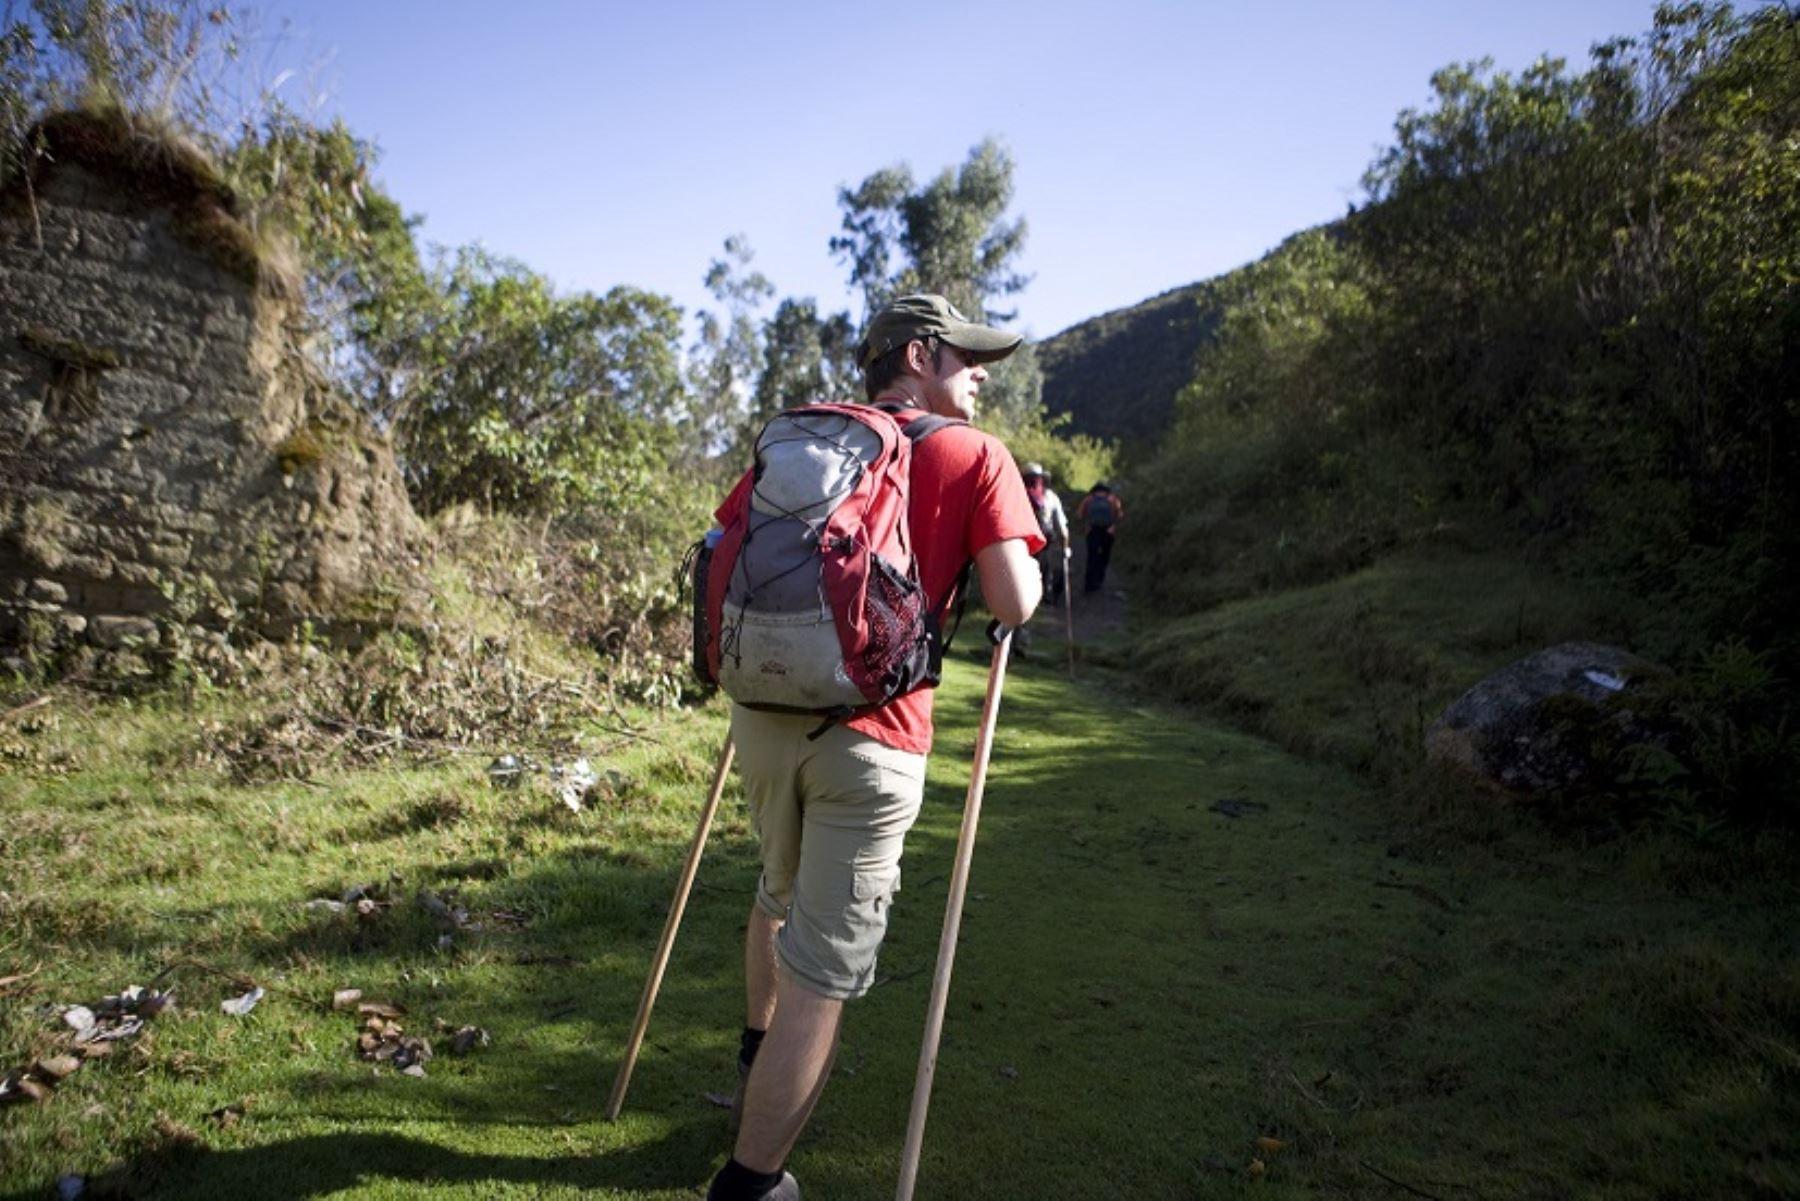 El Perú cuenta con maravillosos escenarios naturales ideales para la práctica del turismo de aventura. ANDINA/Difusión